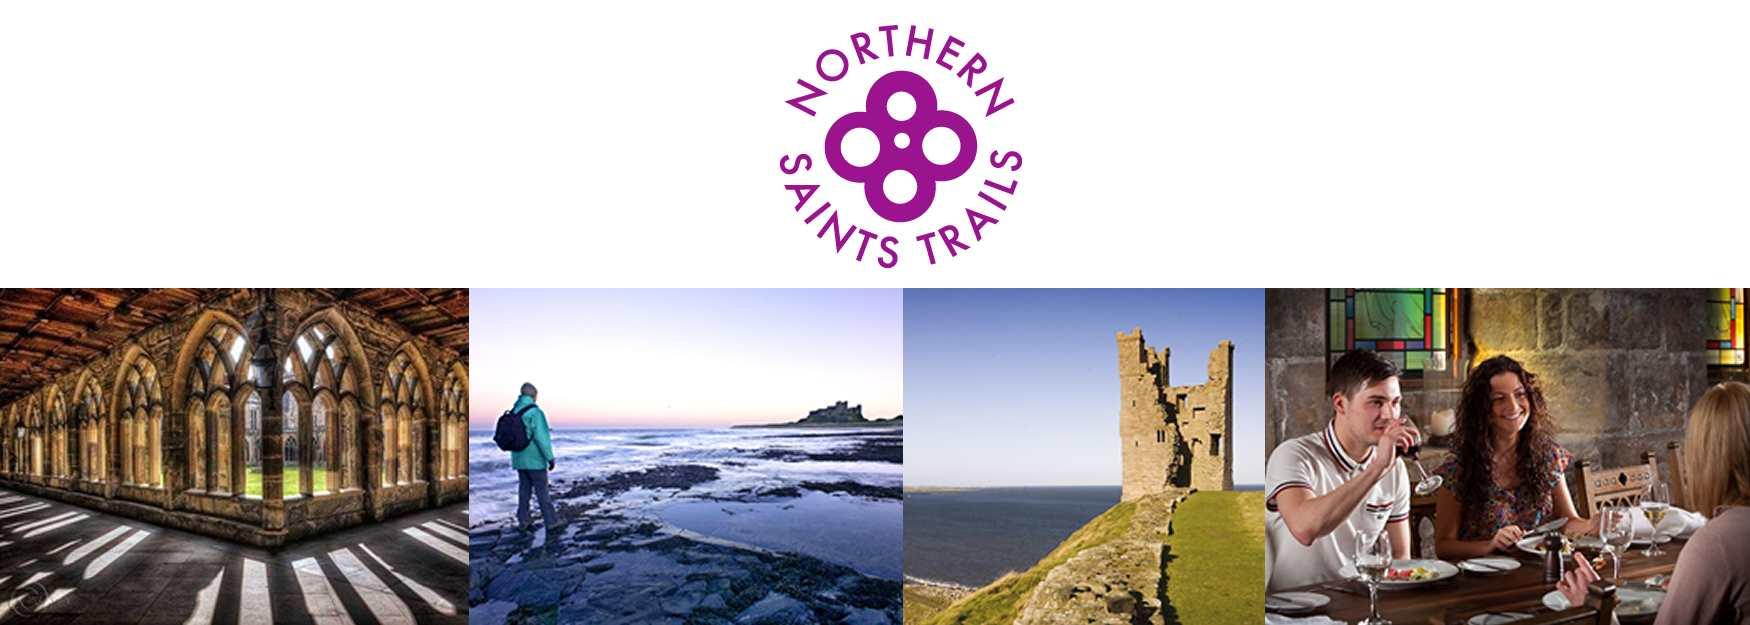 Northern Saints Trails Durham